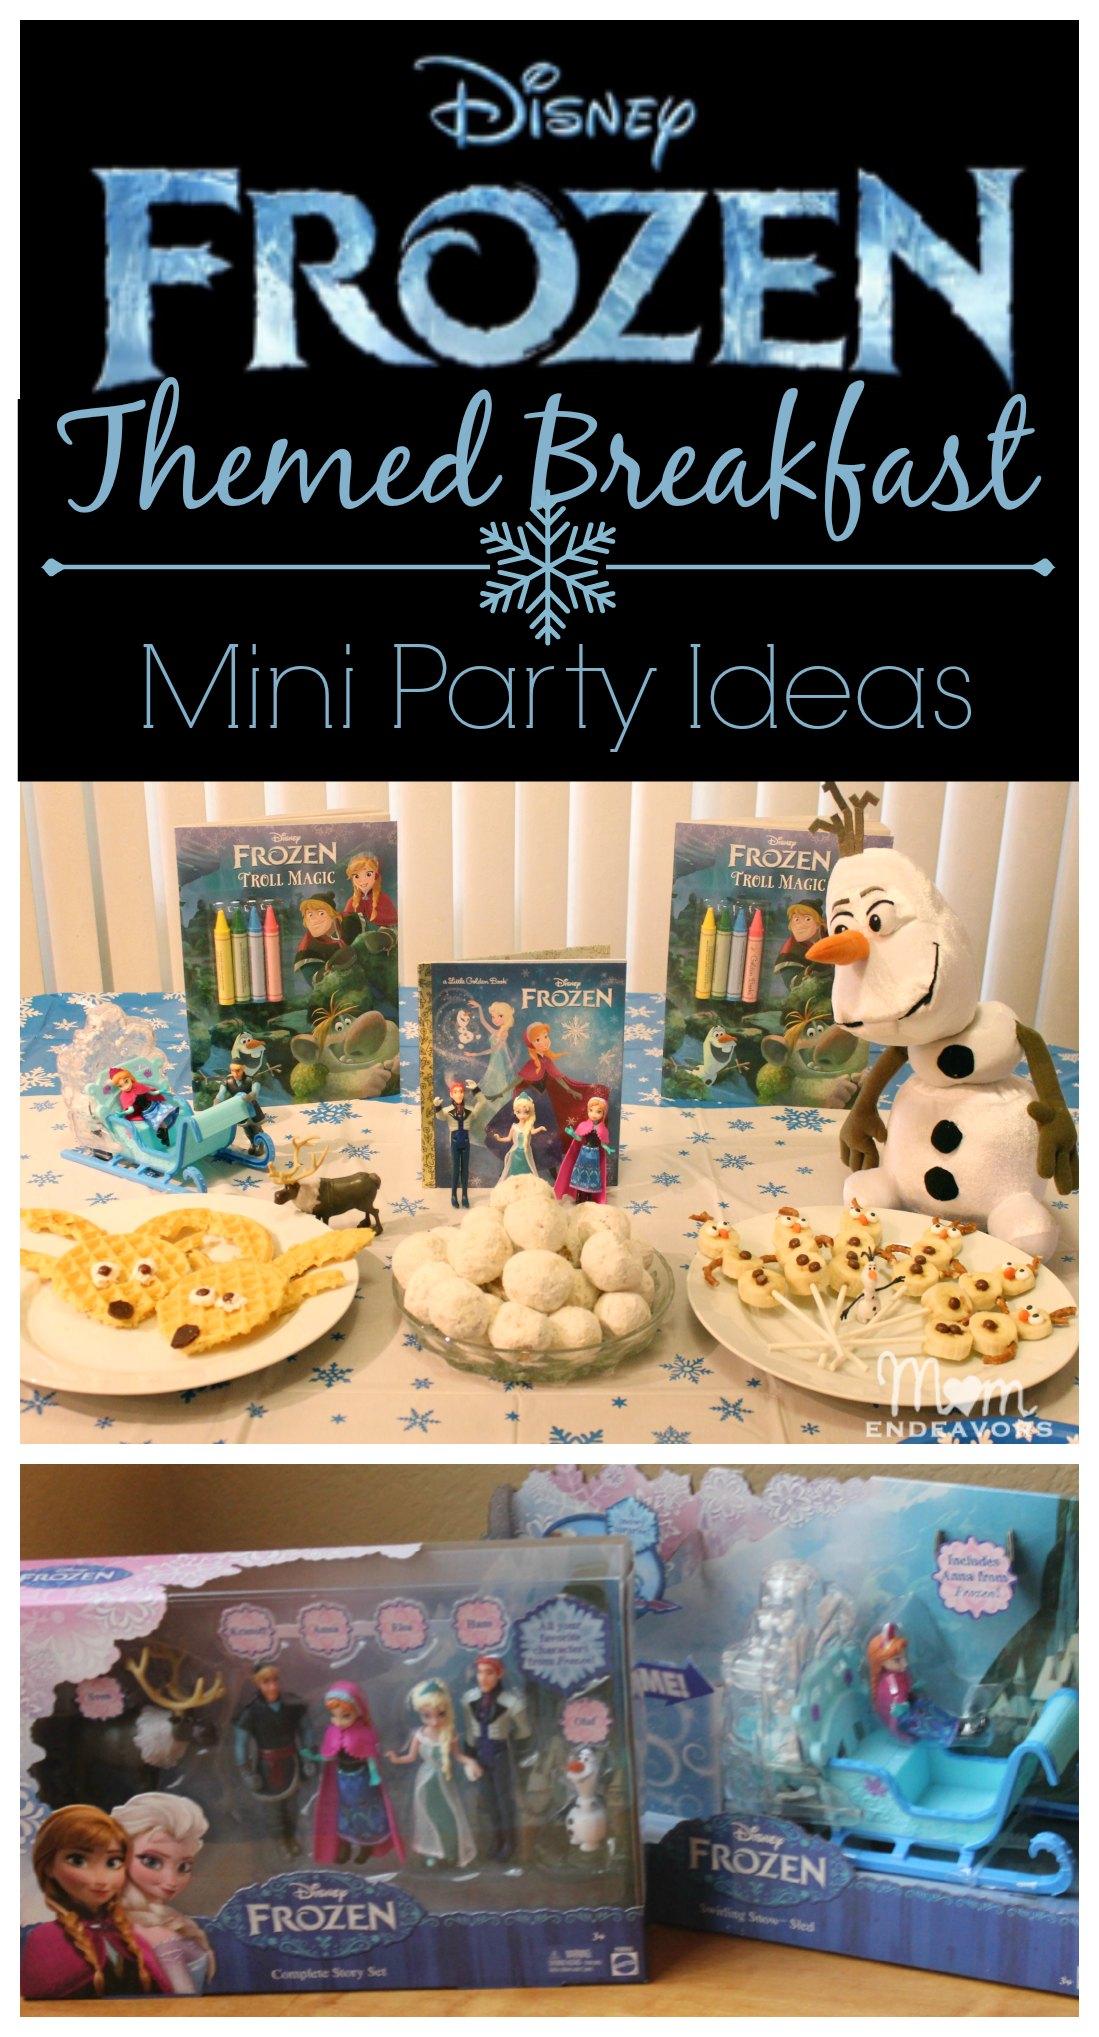 Disney Frozen Themed Breakfast & Mini Party Ideas